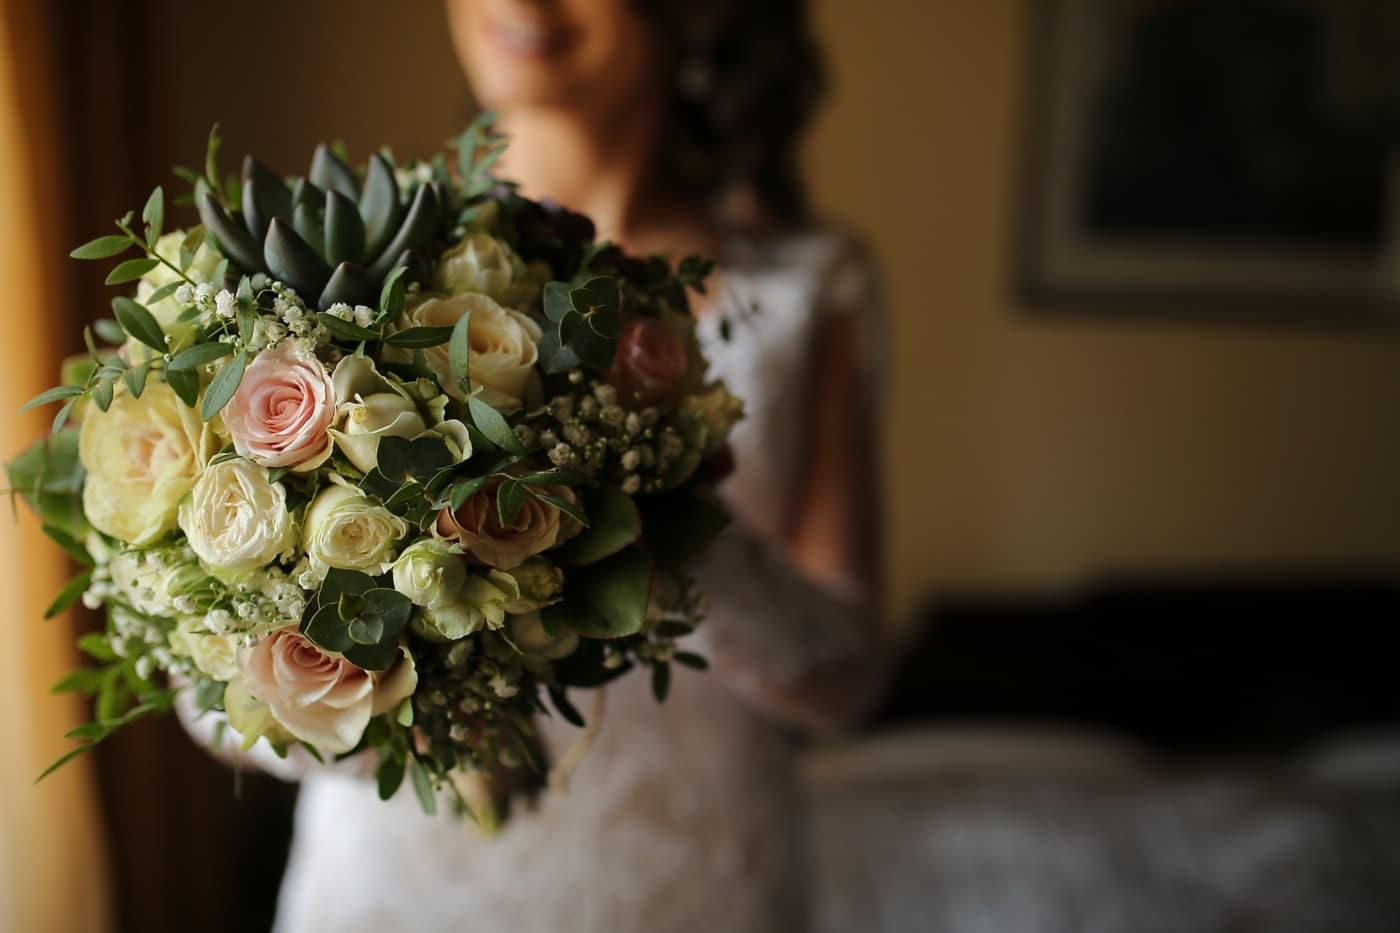 Braut, halten, Hochzeitsstrauß, Anordnung, Blume, Hochzeit, Blumenstrauß, stieg, Liebe, Dekoration